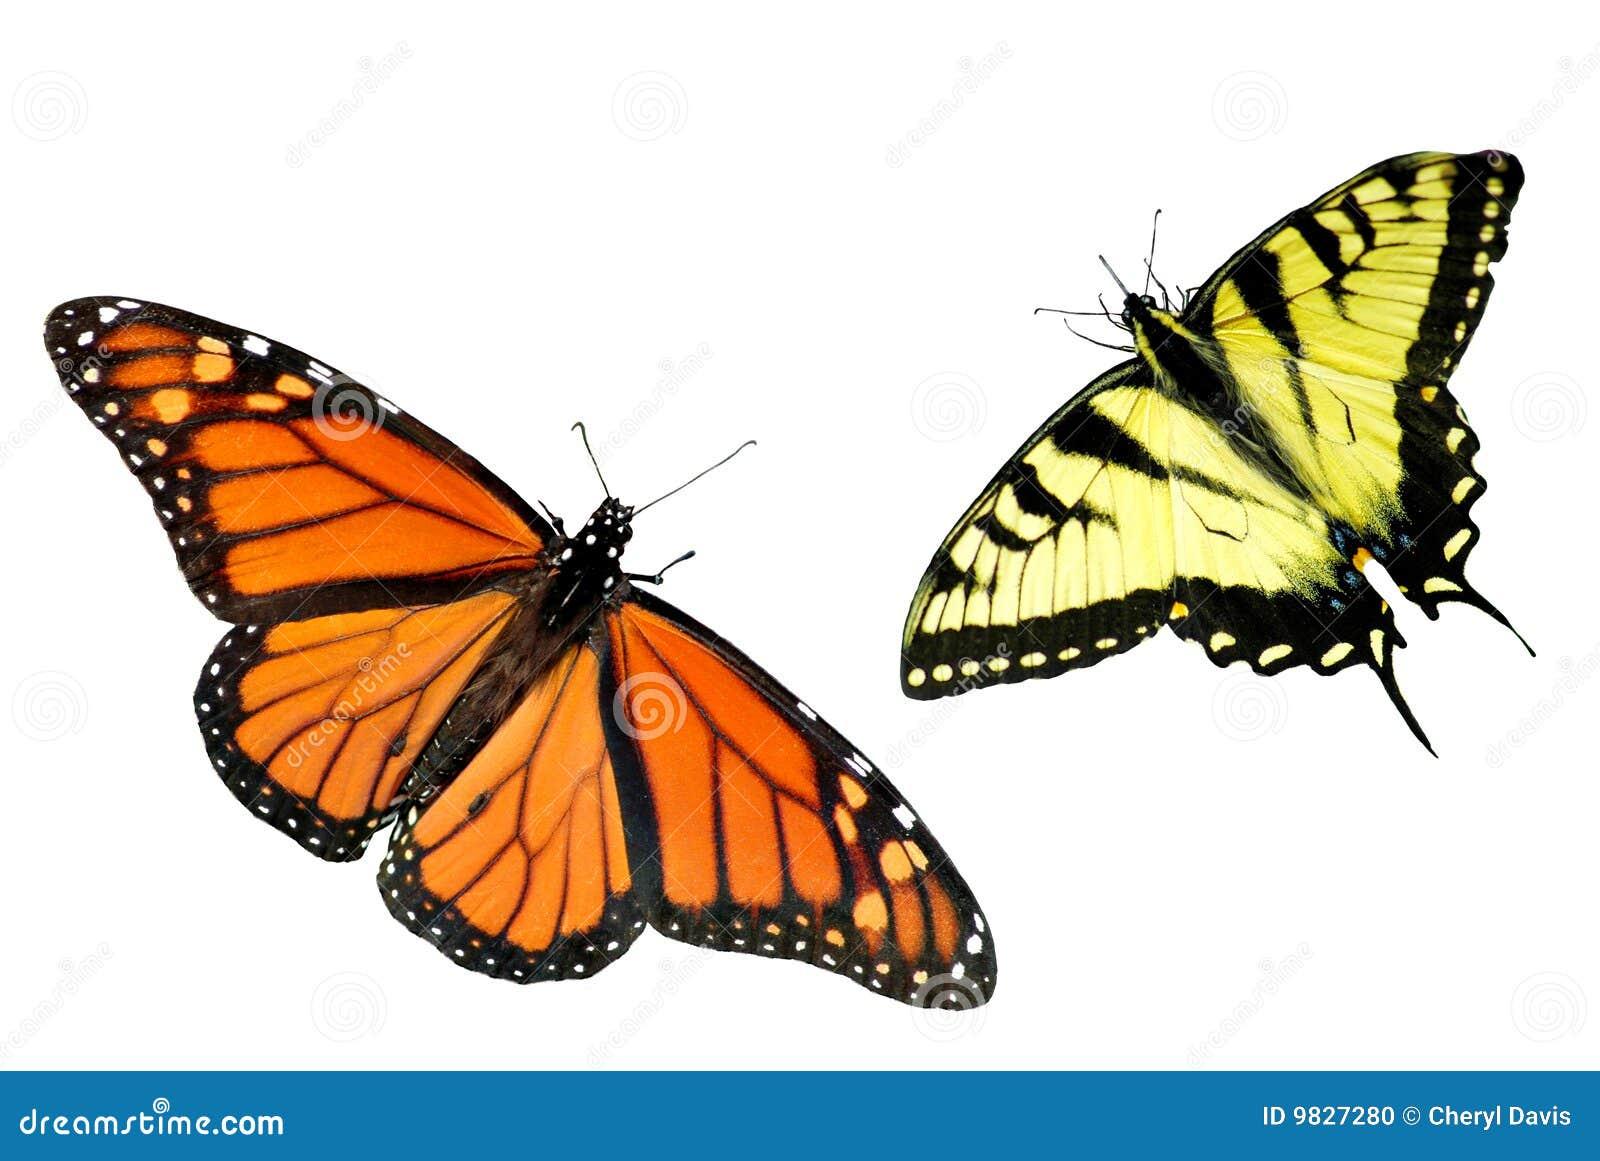 Priorità bassa della farfalla di Swallowtail della tigre e del monarca